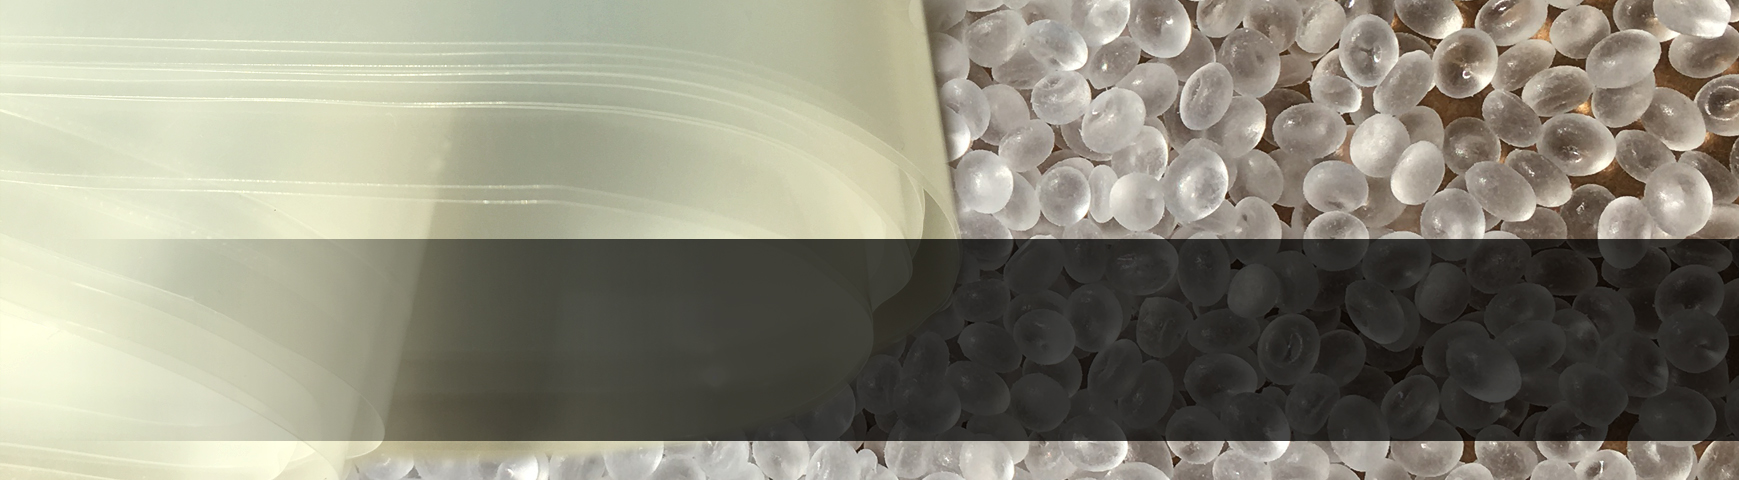 """Glamour de plastic    în Kao-Chia     Kao-Chia creează produse de calitate superioară din material plastic - folie acrilică, folie GPPS, film PE / sac.  Calitate excelentă Made in Taiwan și preț rezonabil fac Kao-Chia """"Turn plastic în aur""""."""